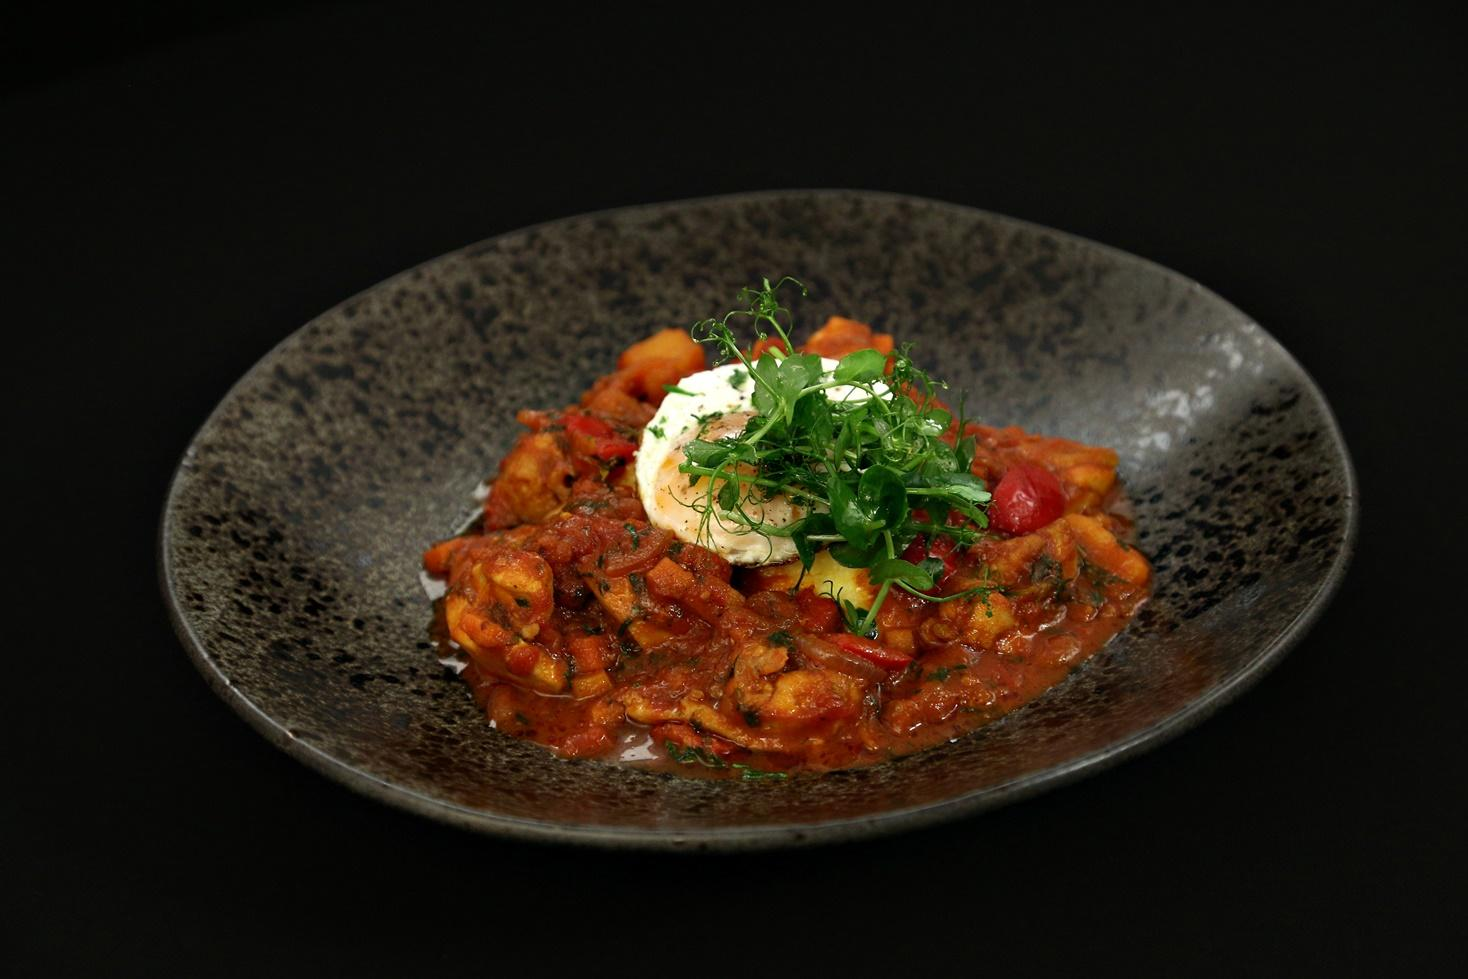 Rețetă de tocăniță de pui cu legume și mămăliguță cu ou ochi, gătită de Alberto Chelu la Chefi la cuțite